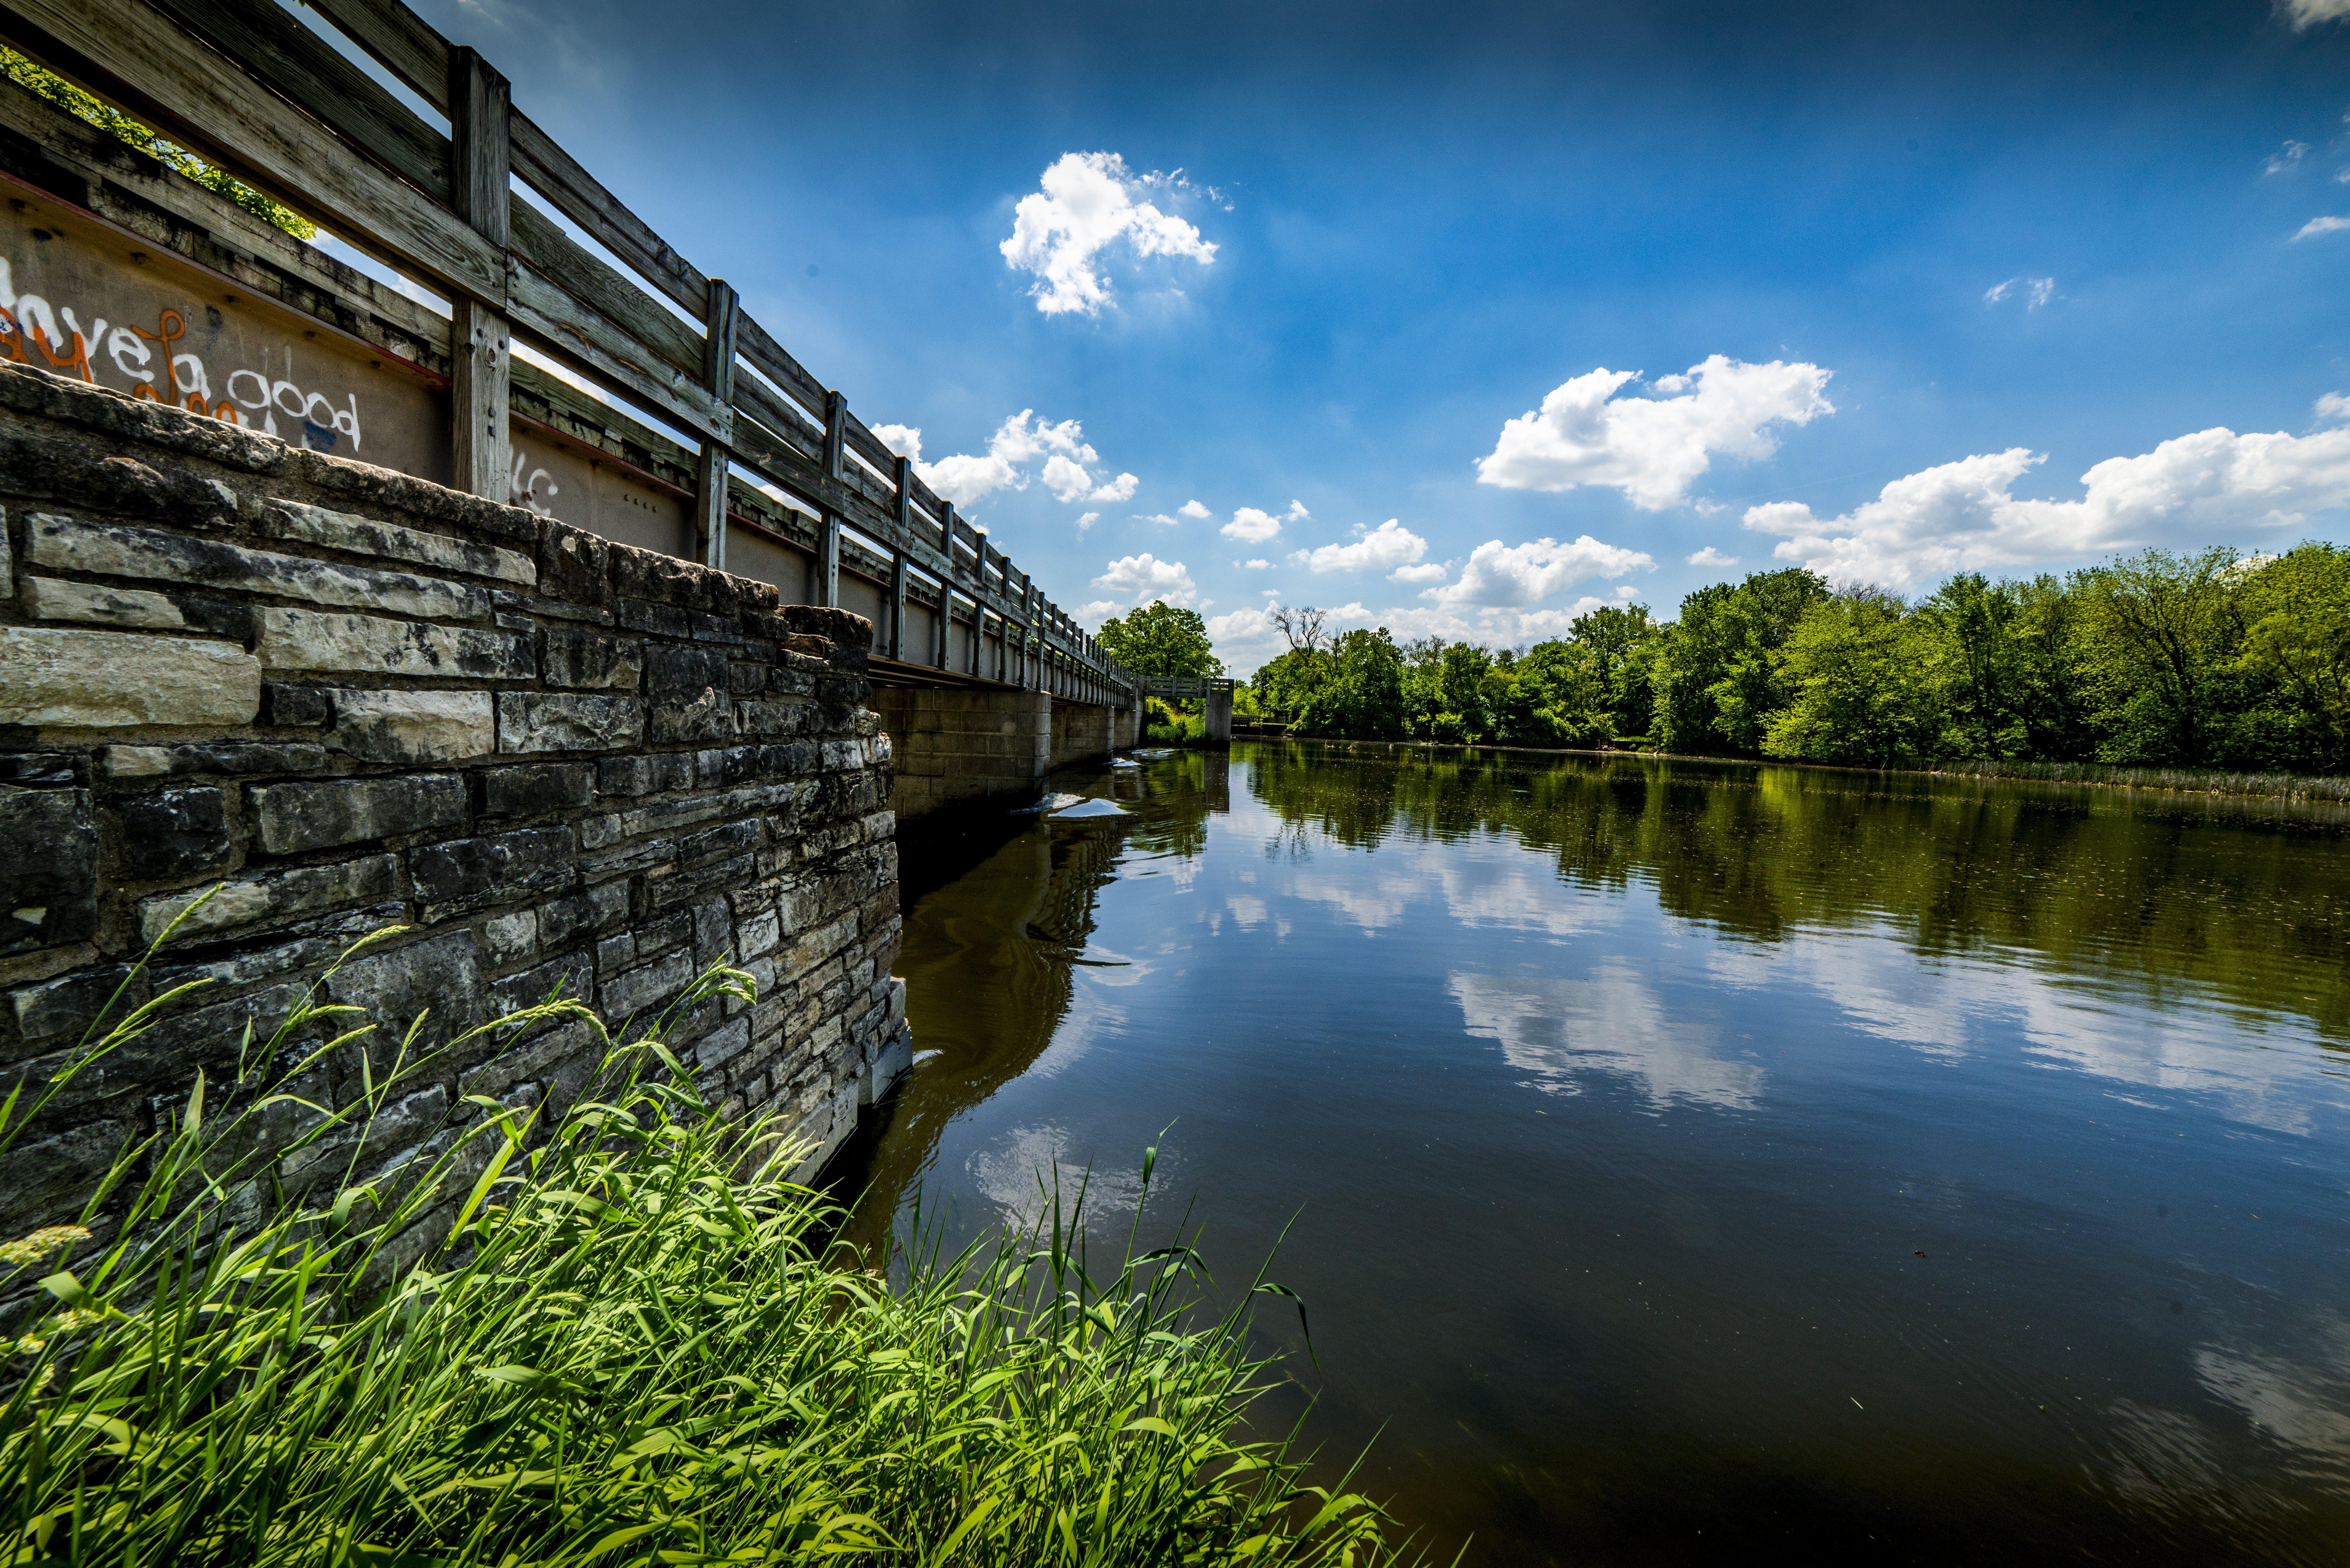 Gray Steel Bridge Near Body of Water